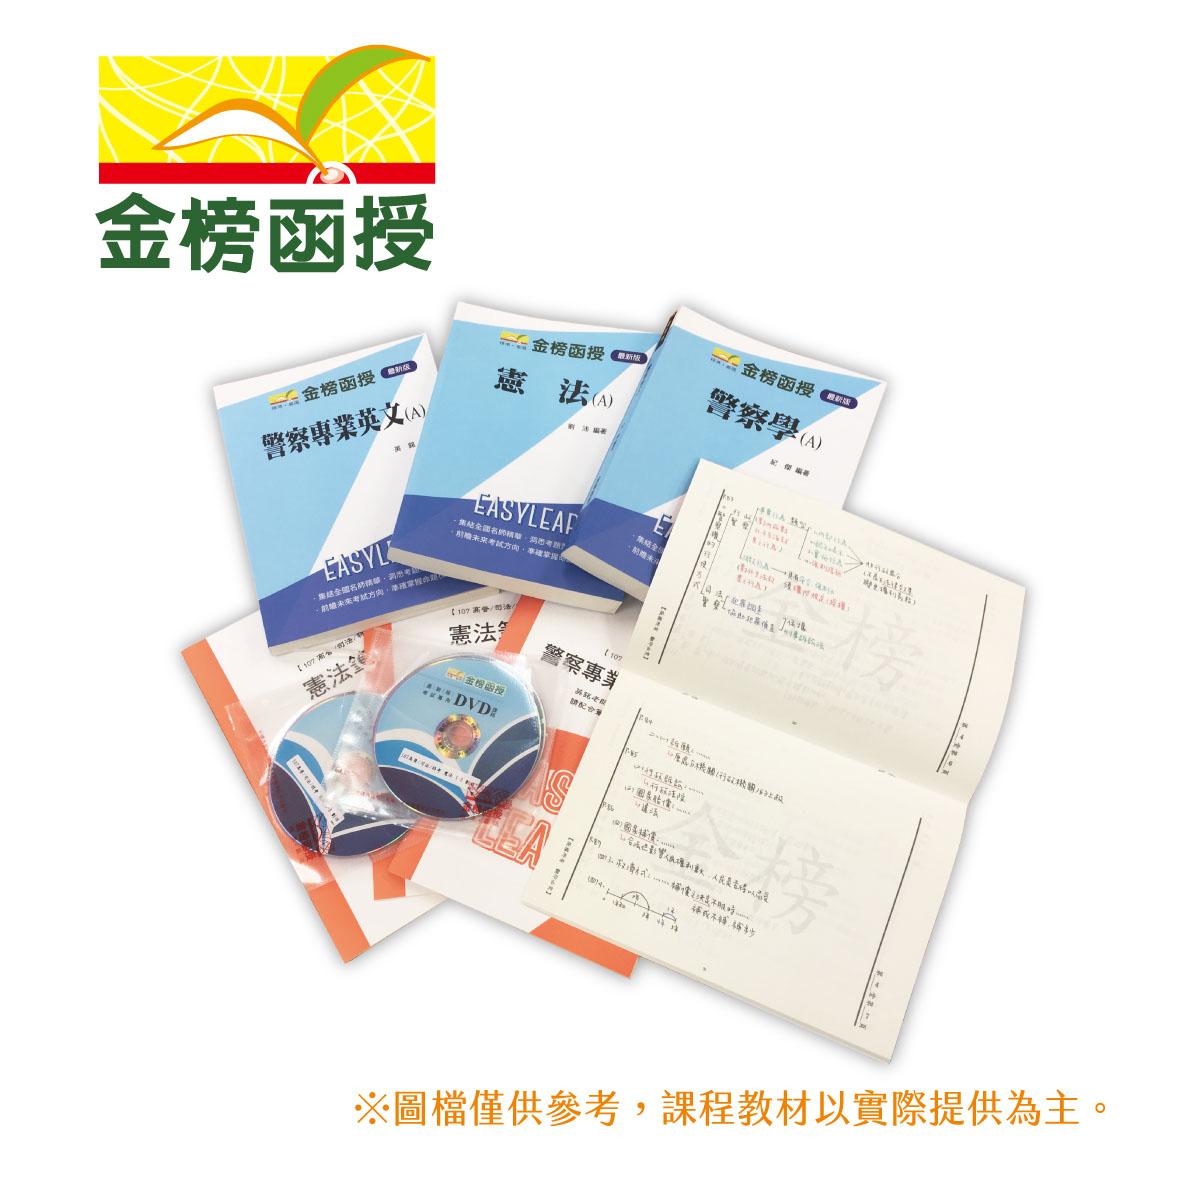 108金榜函授/高考三级/年度课程/全套/一般民政/云端/专业科目